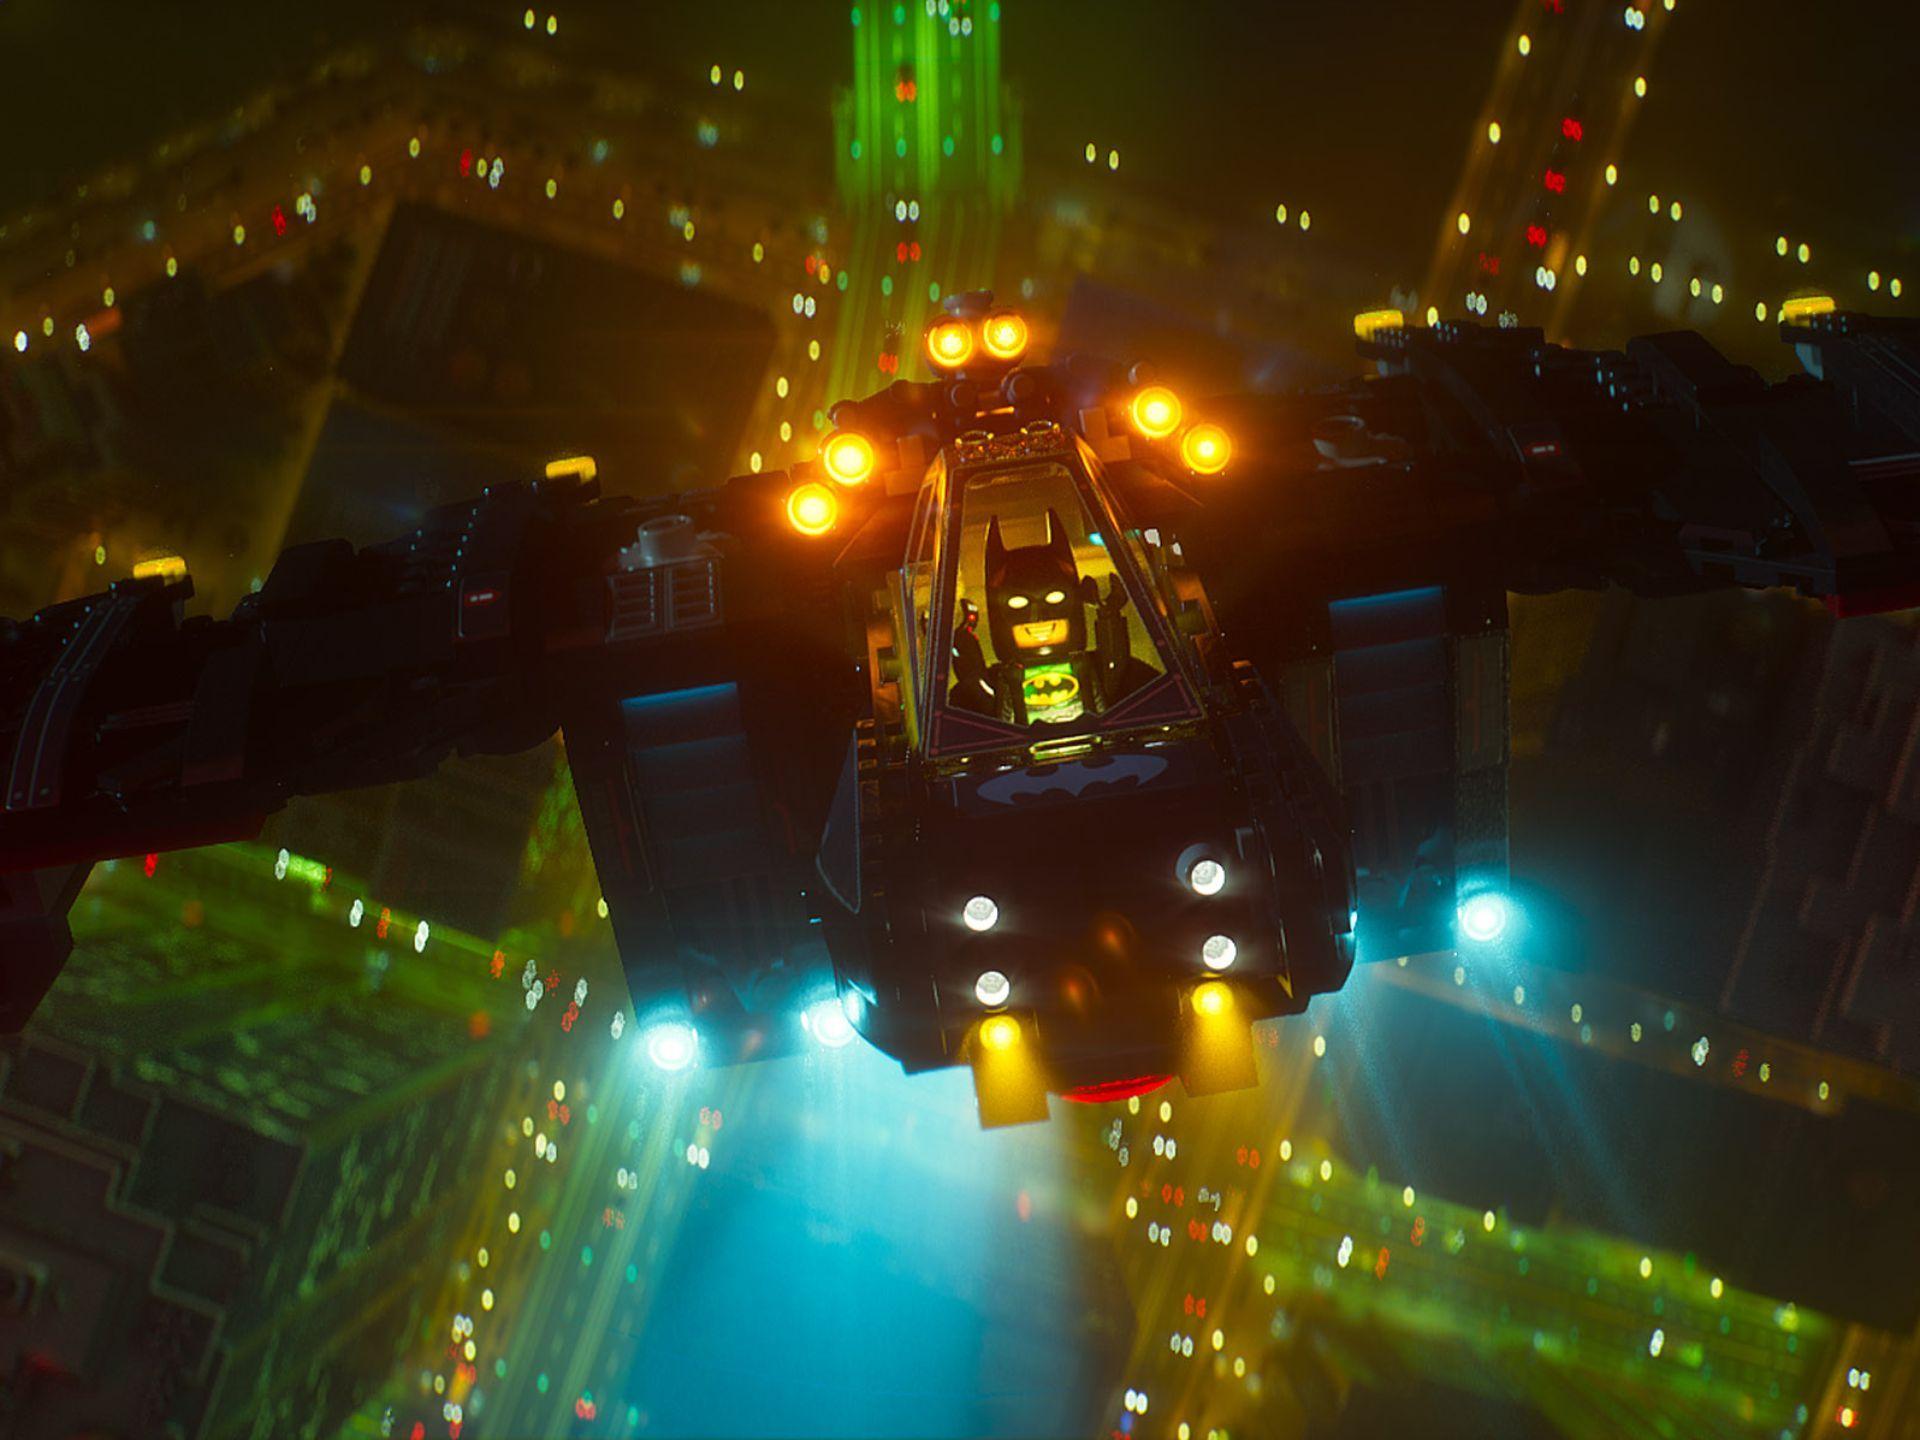 8Oer3ef9Rdr8jKt5MZze_Batman_Lego_movie_05